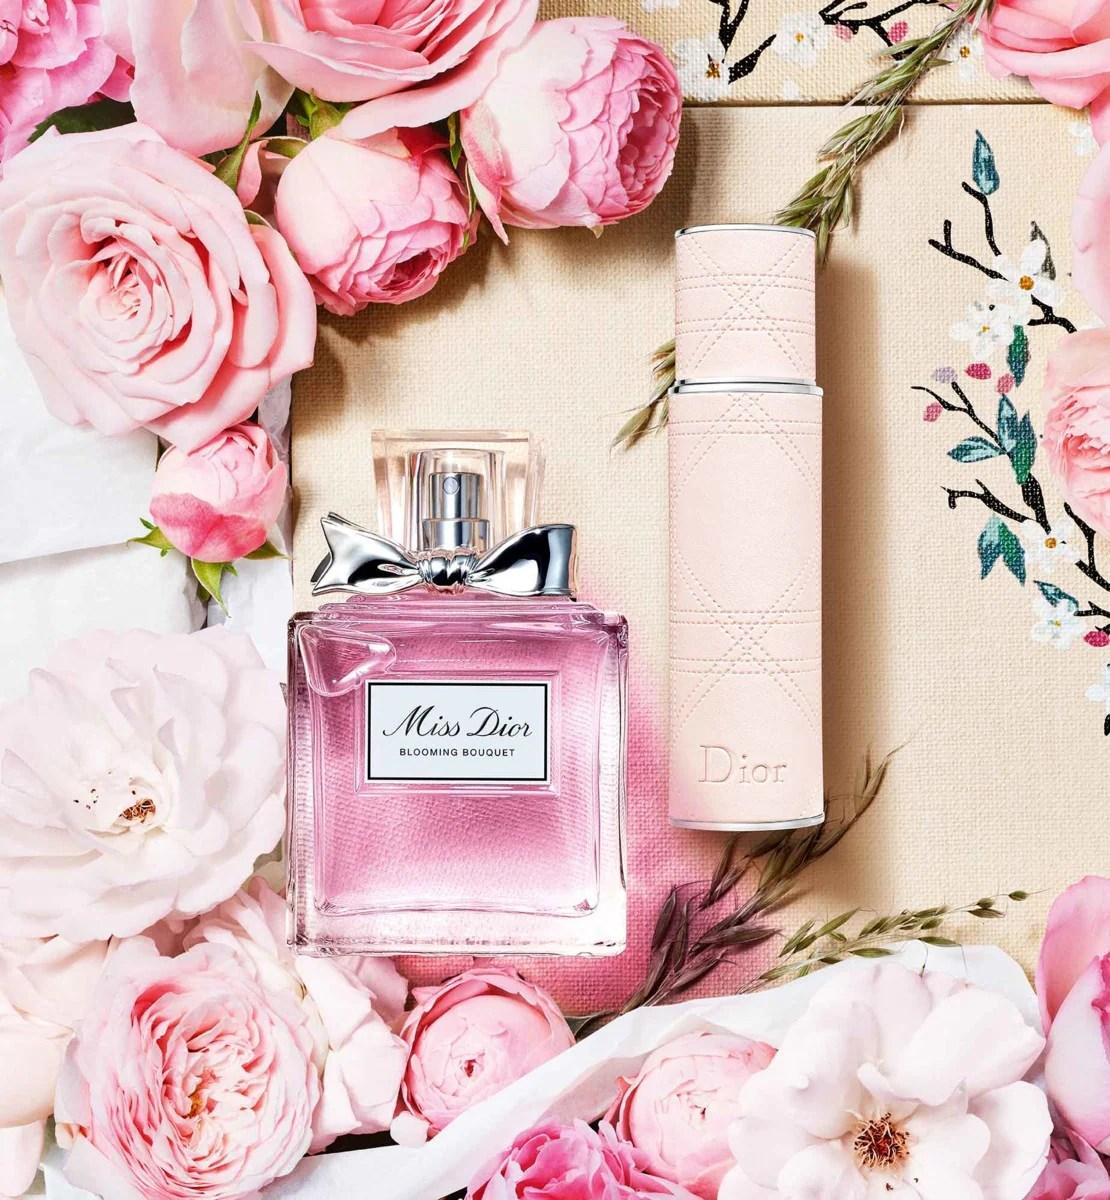 Dior - ミス ディオール ブルーミング ブーケ リフィラブル スプレー付 (オンラインブティック限定品)